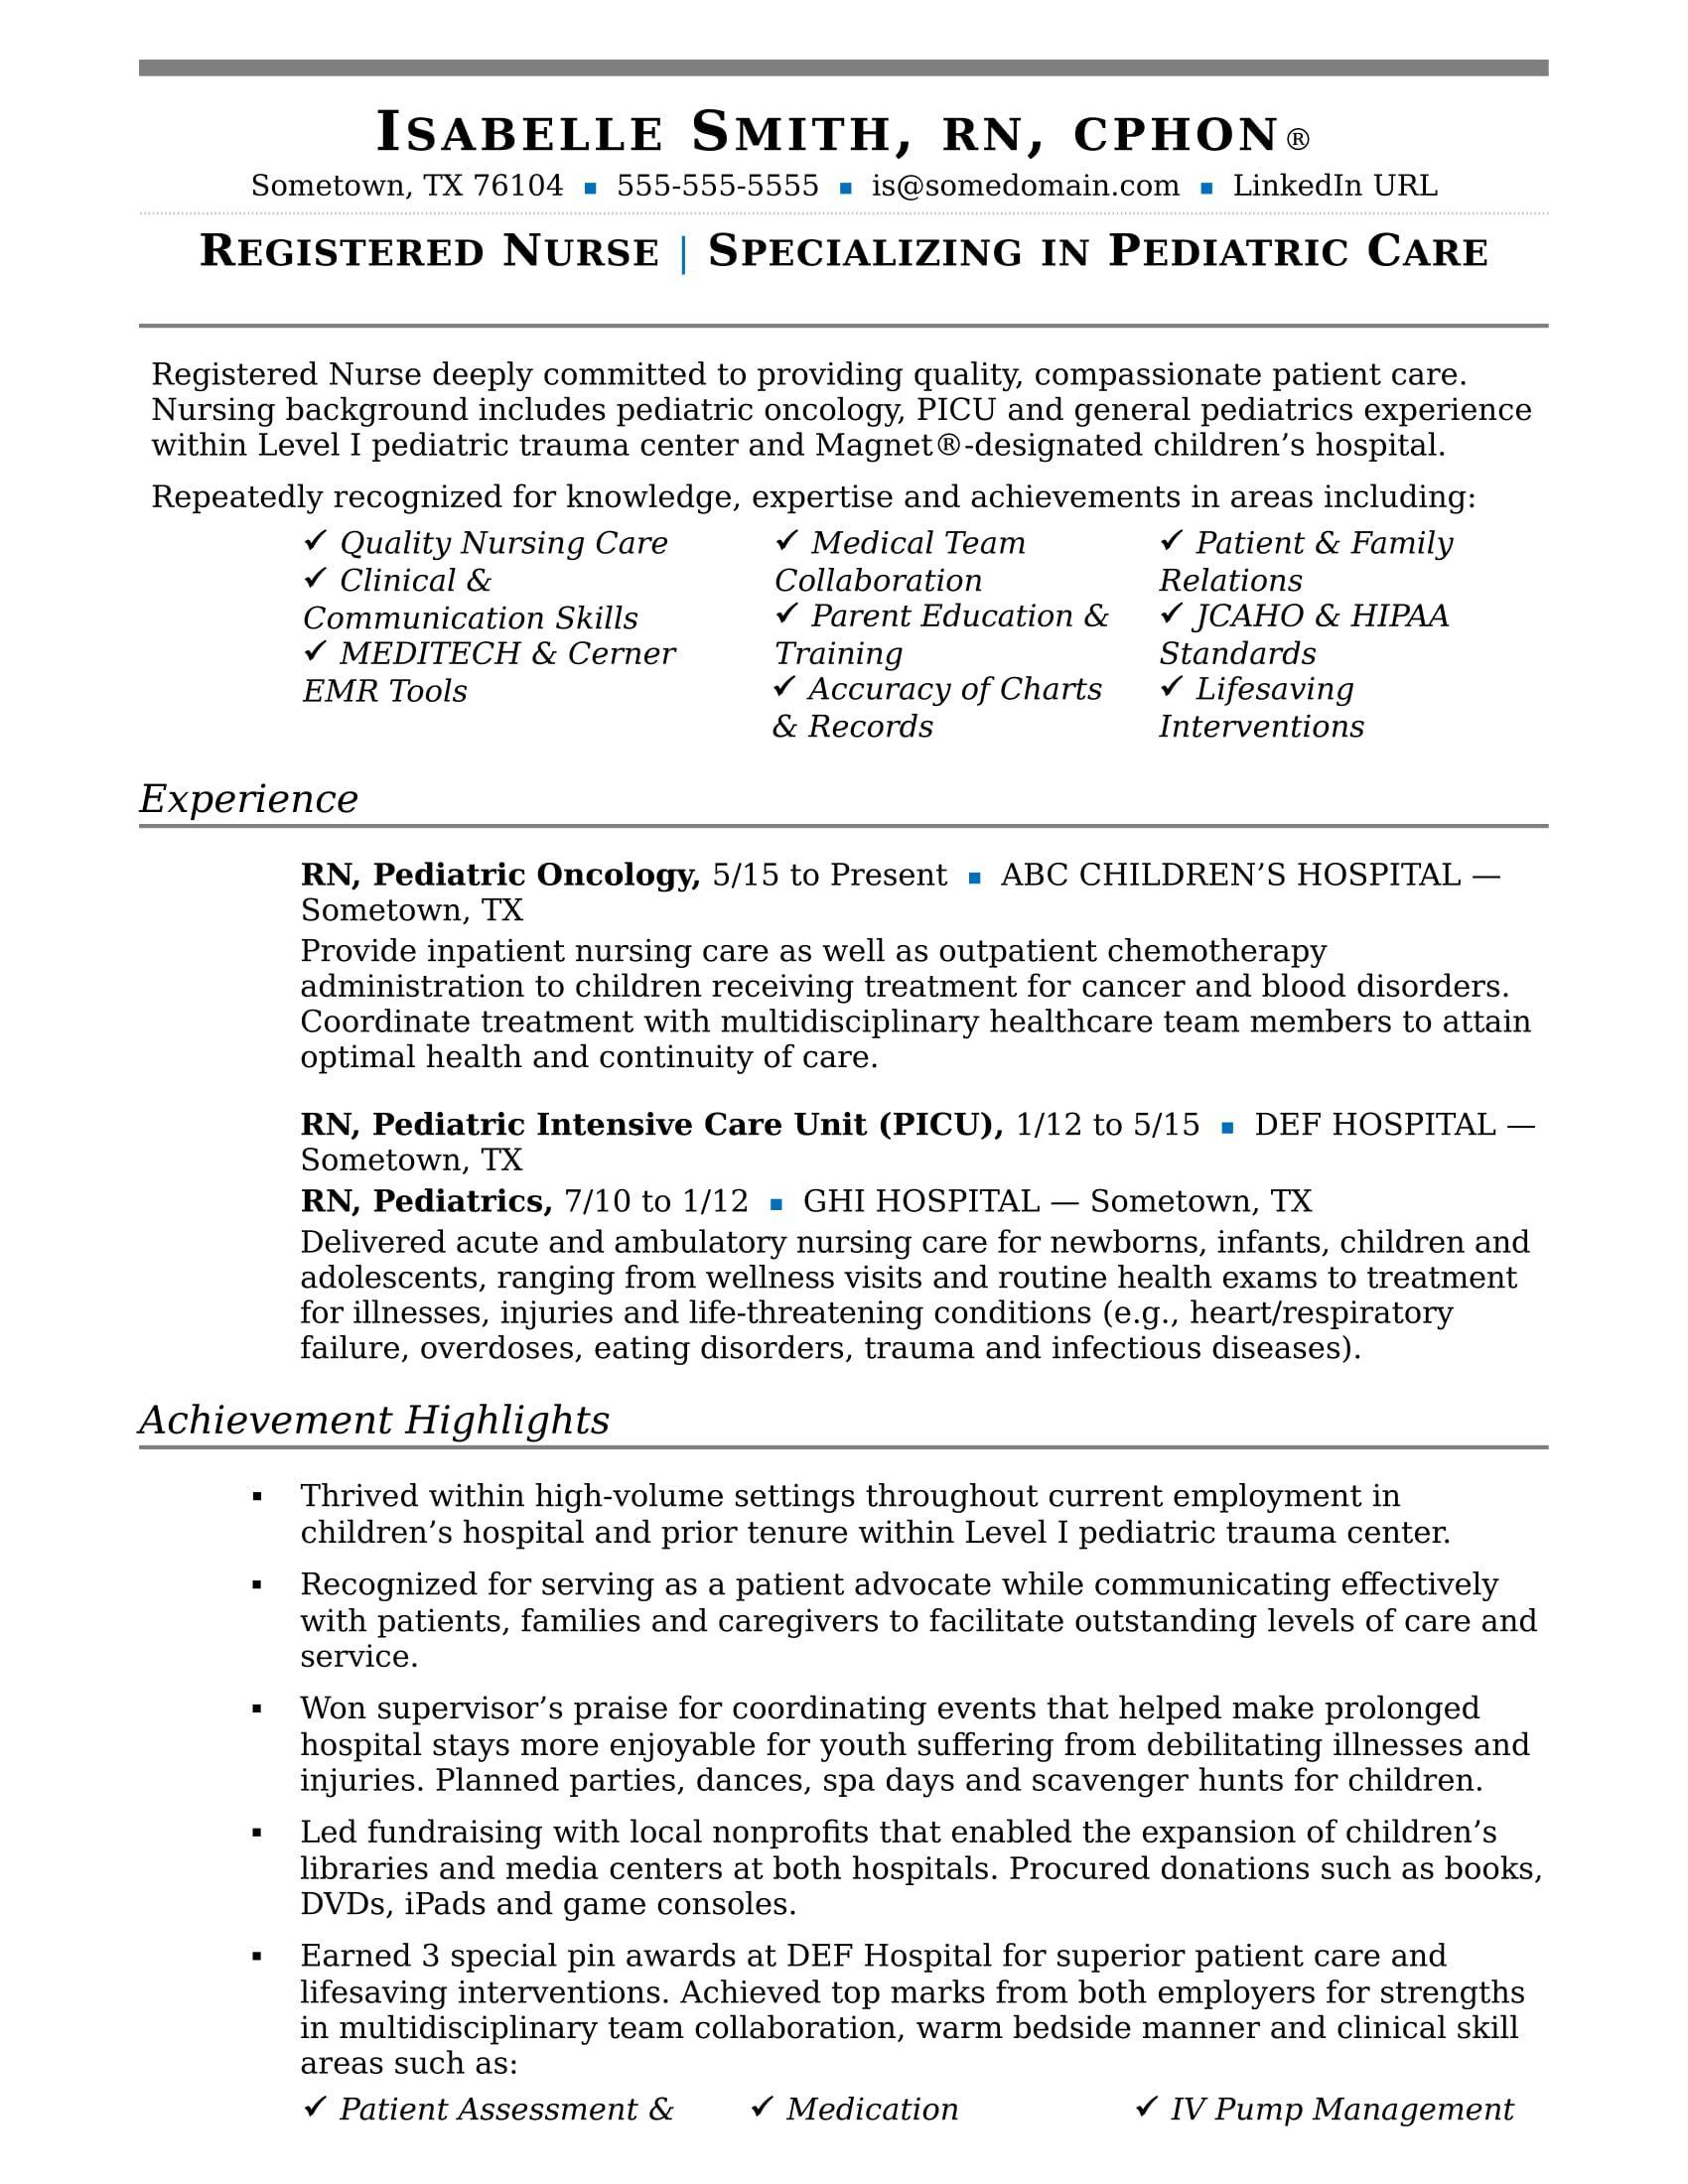 Nurse Resume Sample Nursing Resume Examples Registered Nurse Resume Nursing Resume Template